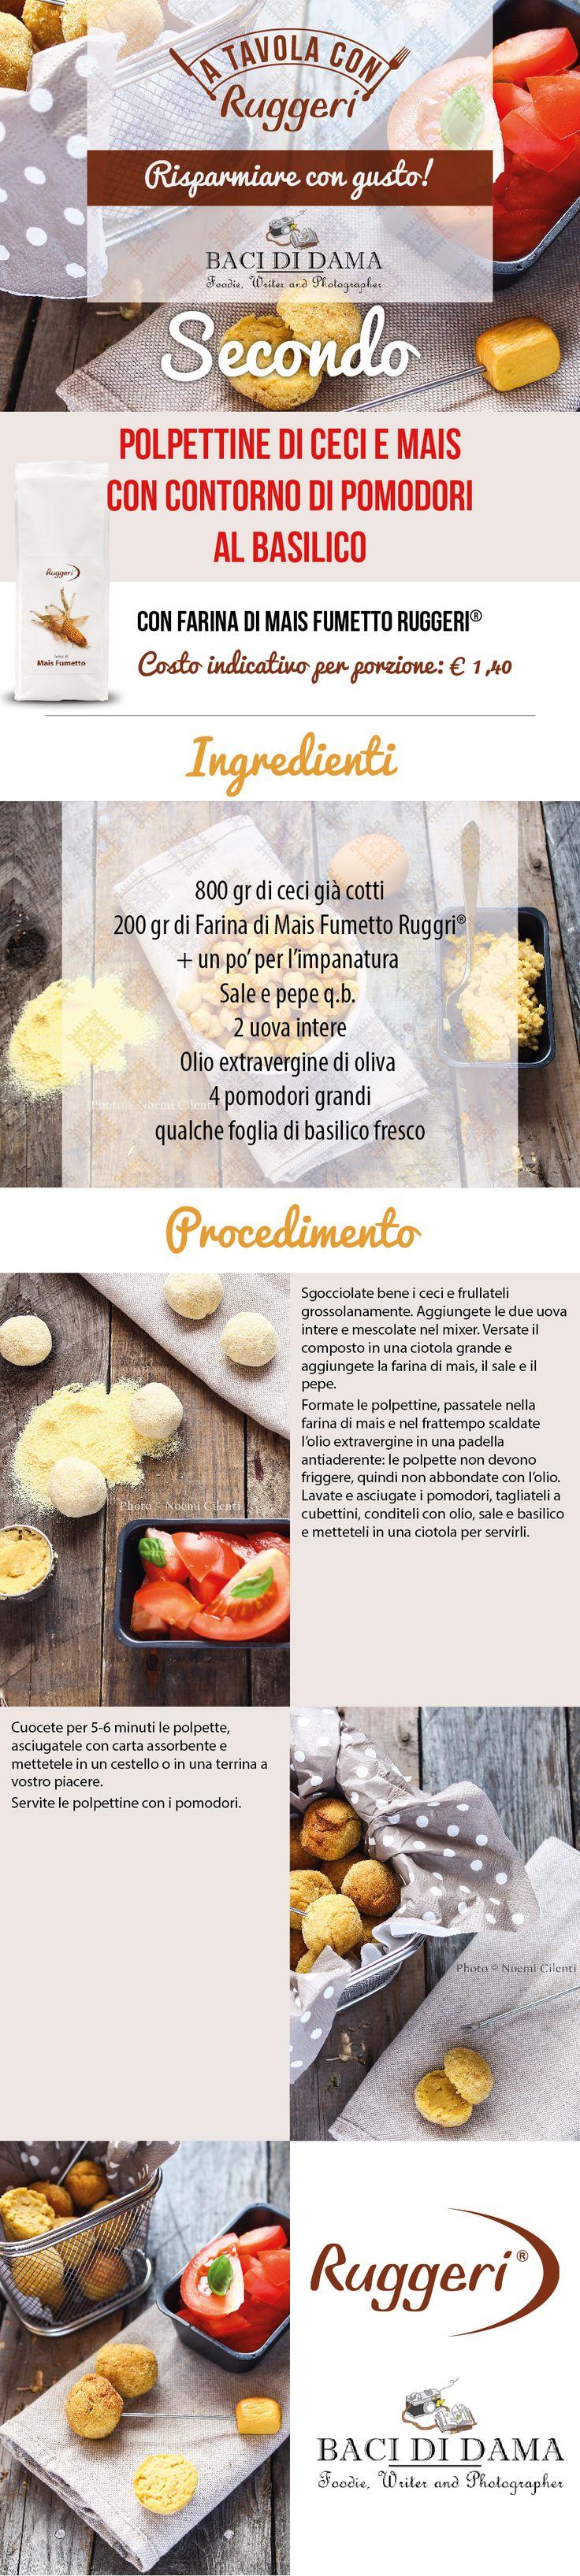 Ricetta per polpettine di ceci e mais con contorno di pomodori al basilico. Prodotti Ruggeri utilizzati: Farina di Mais Fumetto Ruggeri. http://www.ruggerishop.it/it/  http://www.bacididama-blog.com